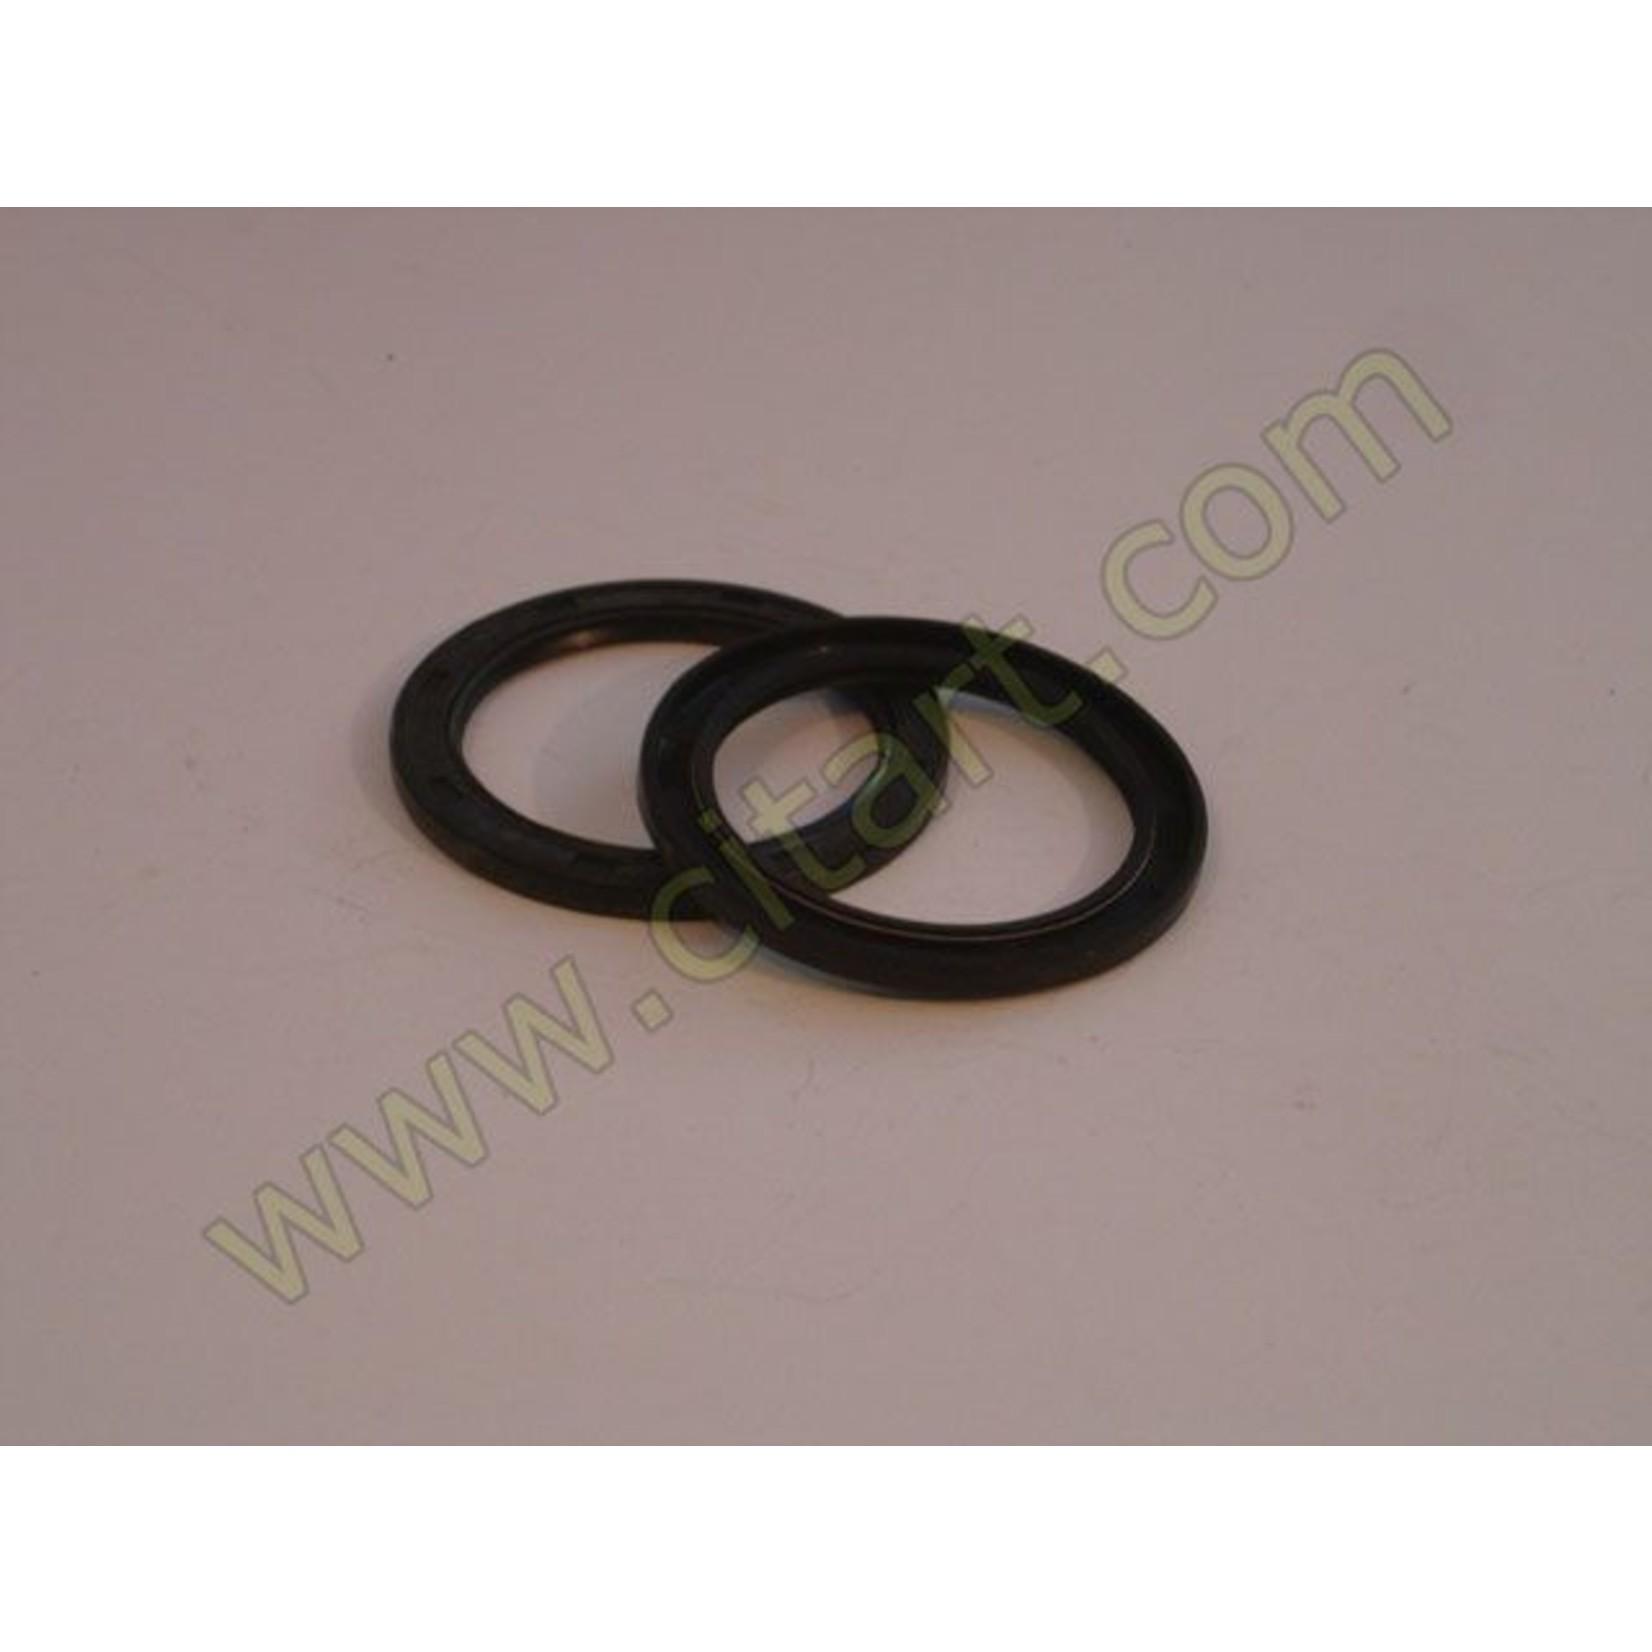 Sealing bush rear hub Nr Org: ZC9612531